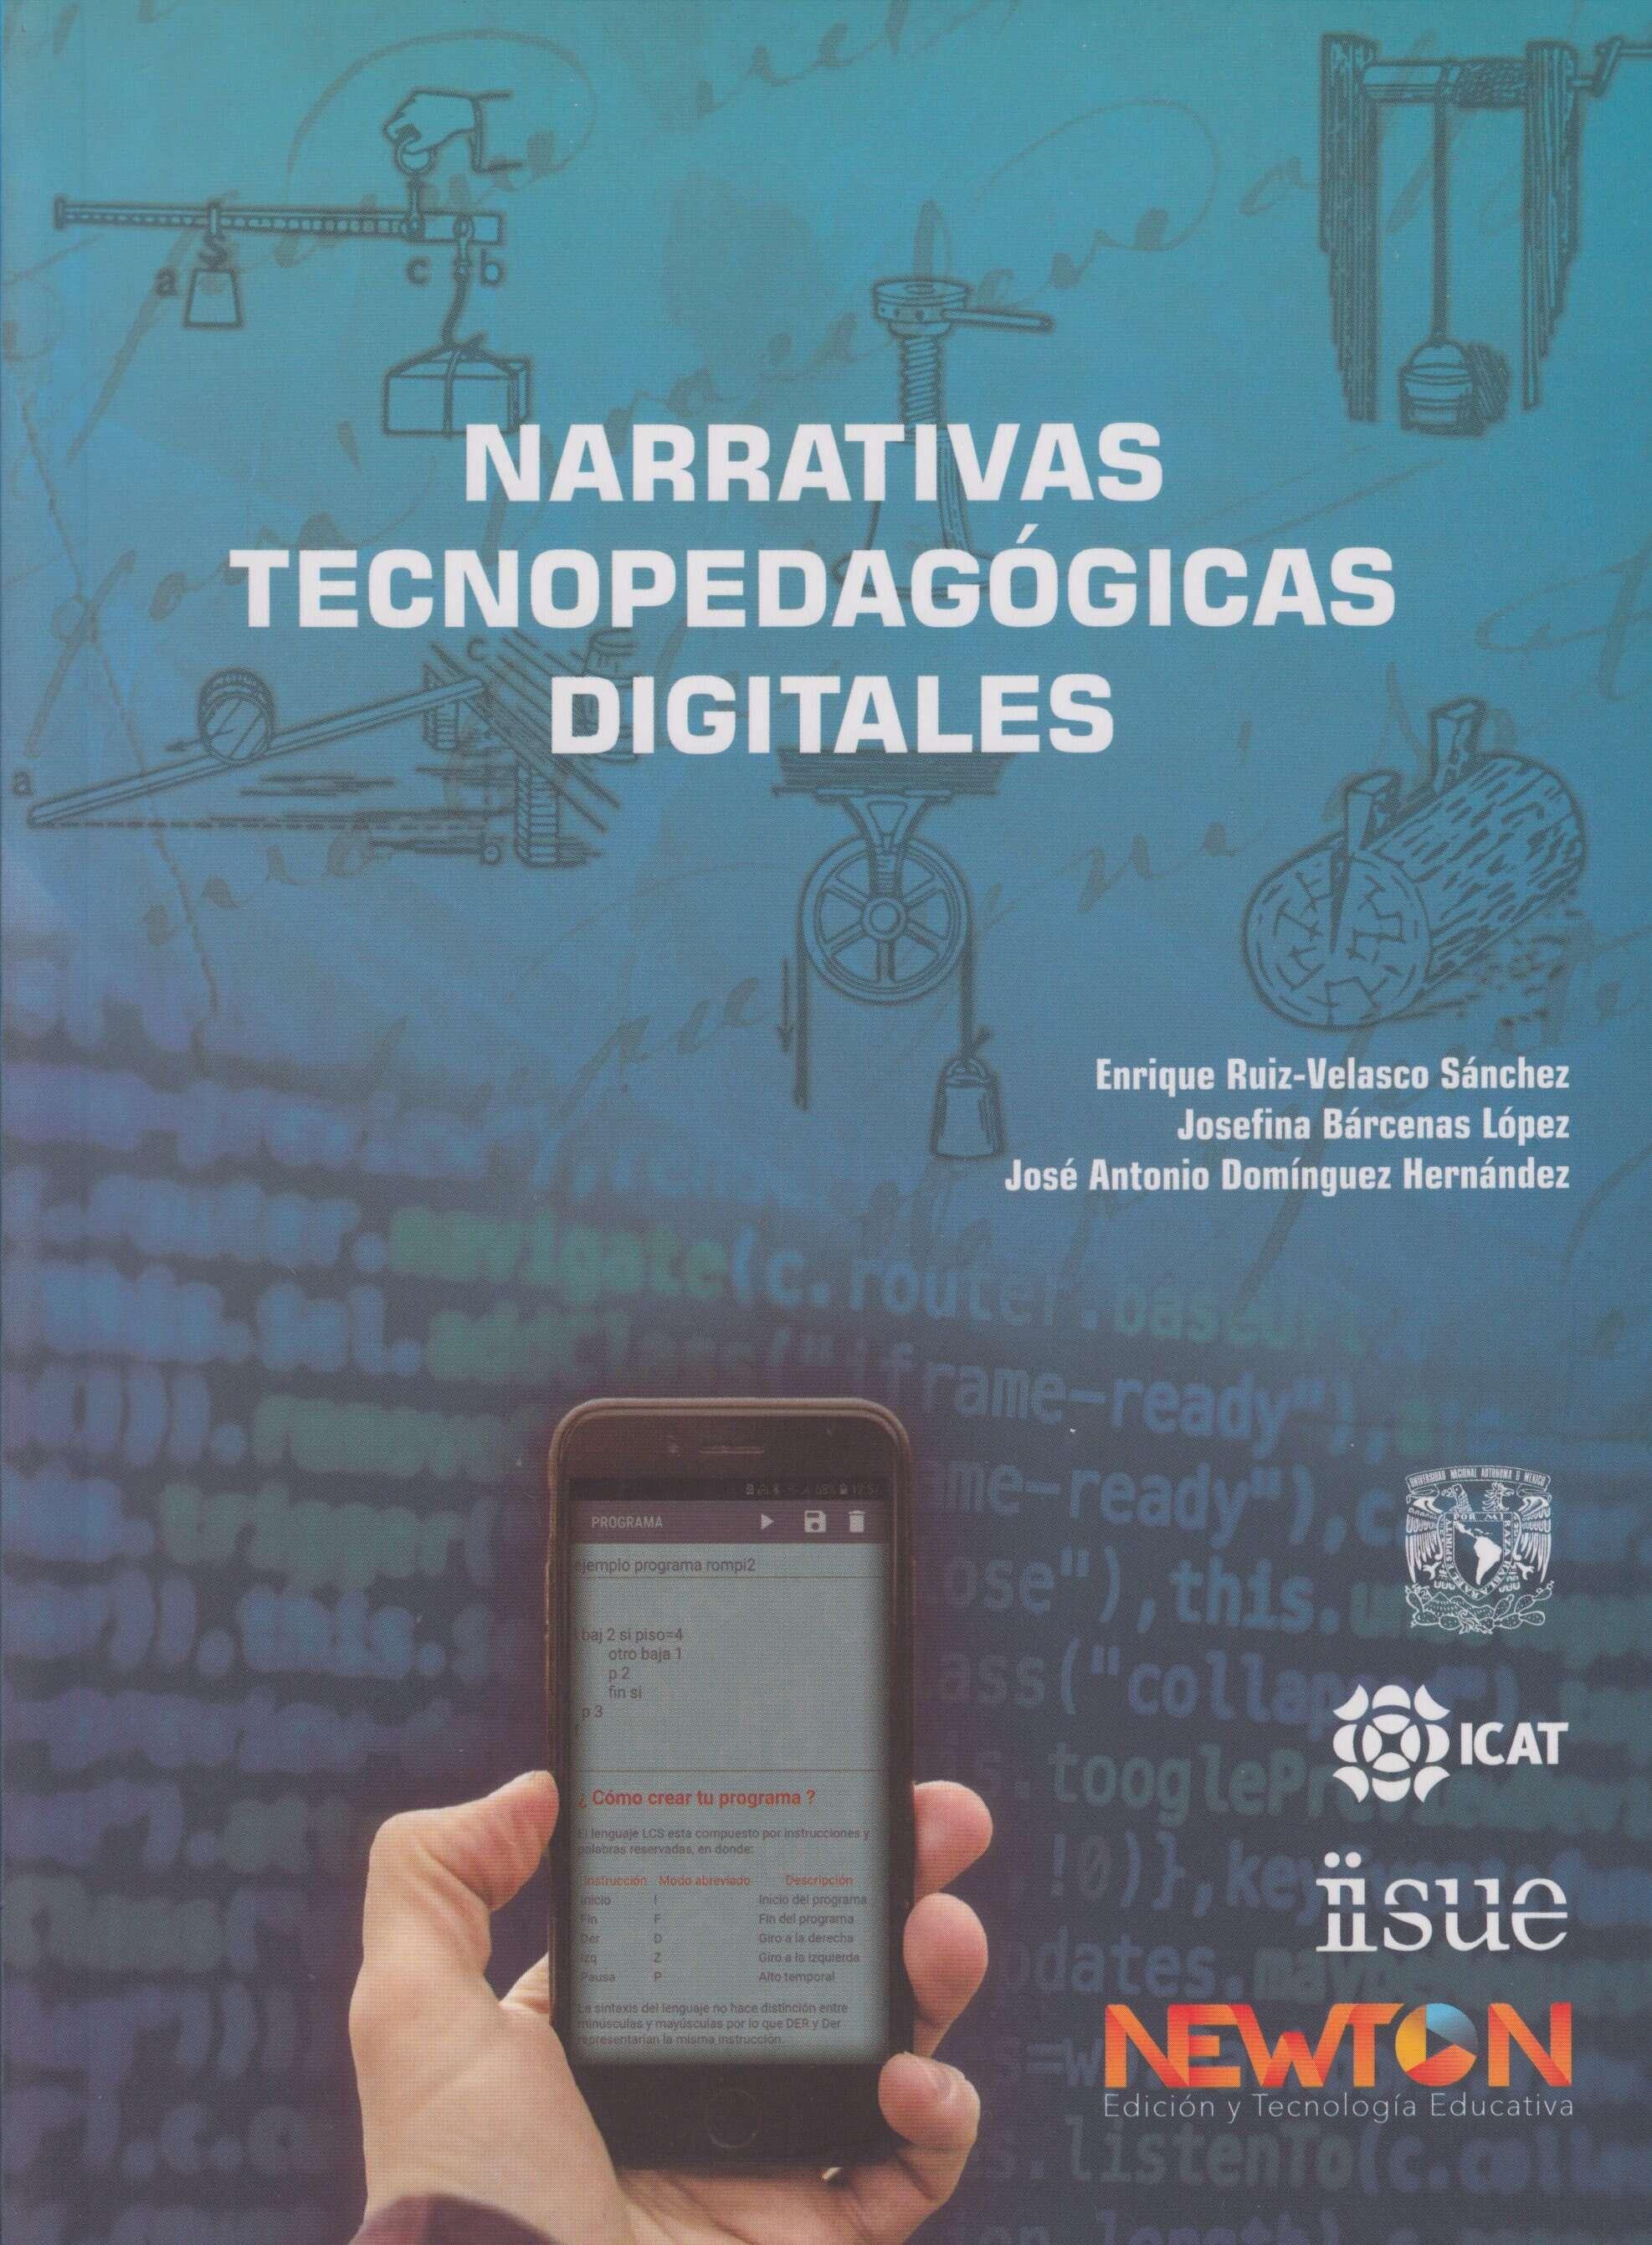 Narrativas tecnopedagógicas digitales